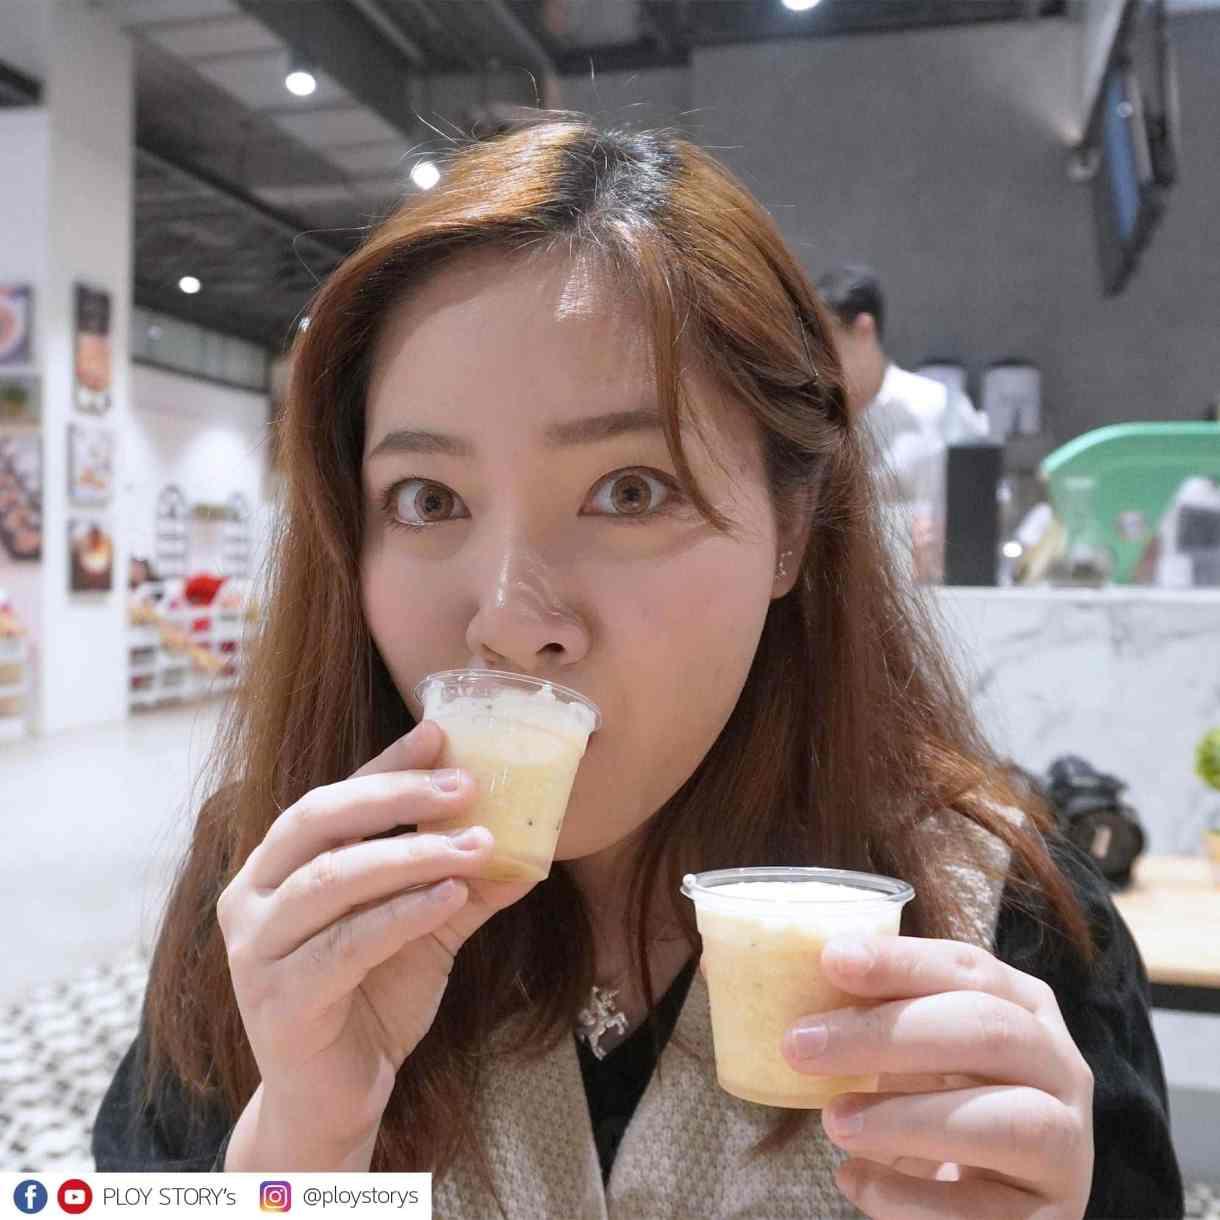 - 07 - รีวิวร้านชา TEASO สวรรค์ของคนรักชา ต้นตำรับจากฮ่องกง คนลดน้ำหนักกินได้แบบไม่รู้สึกผิด